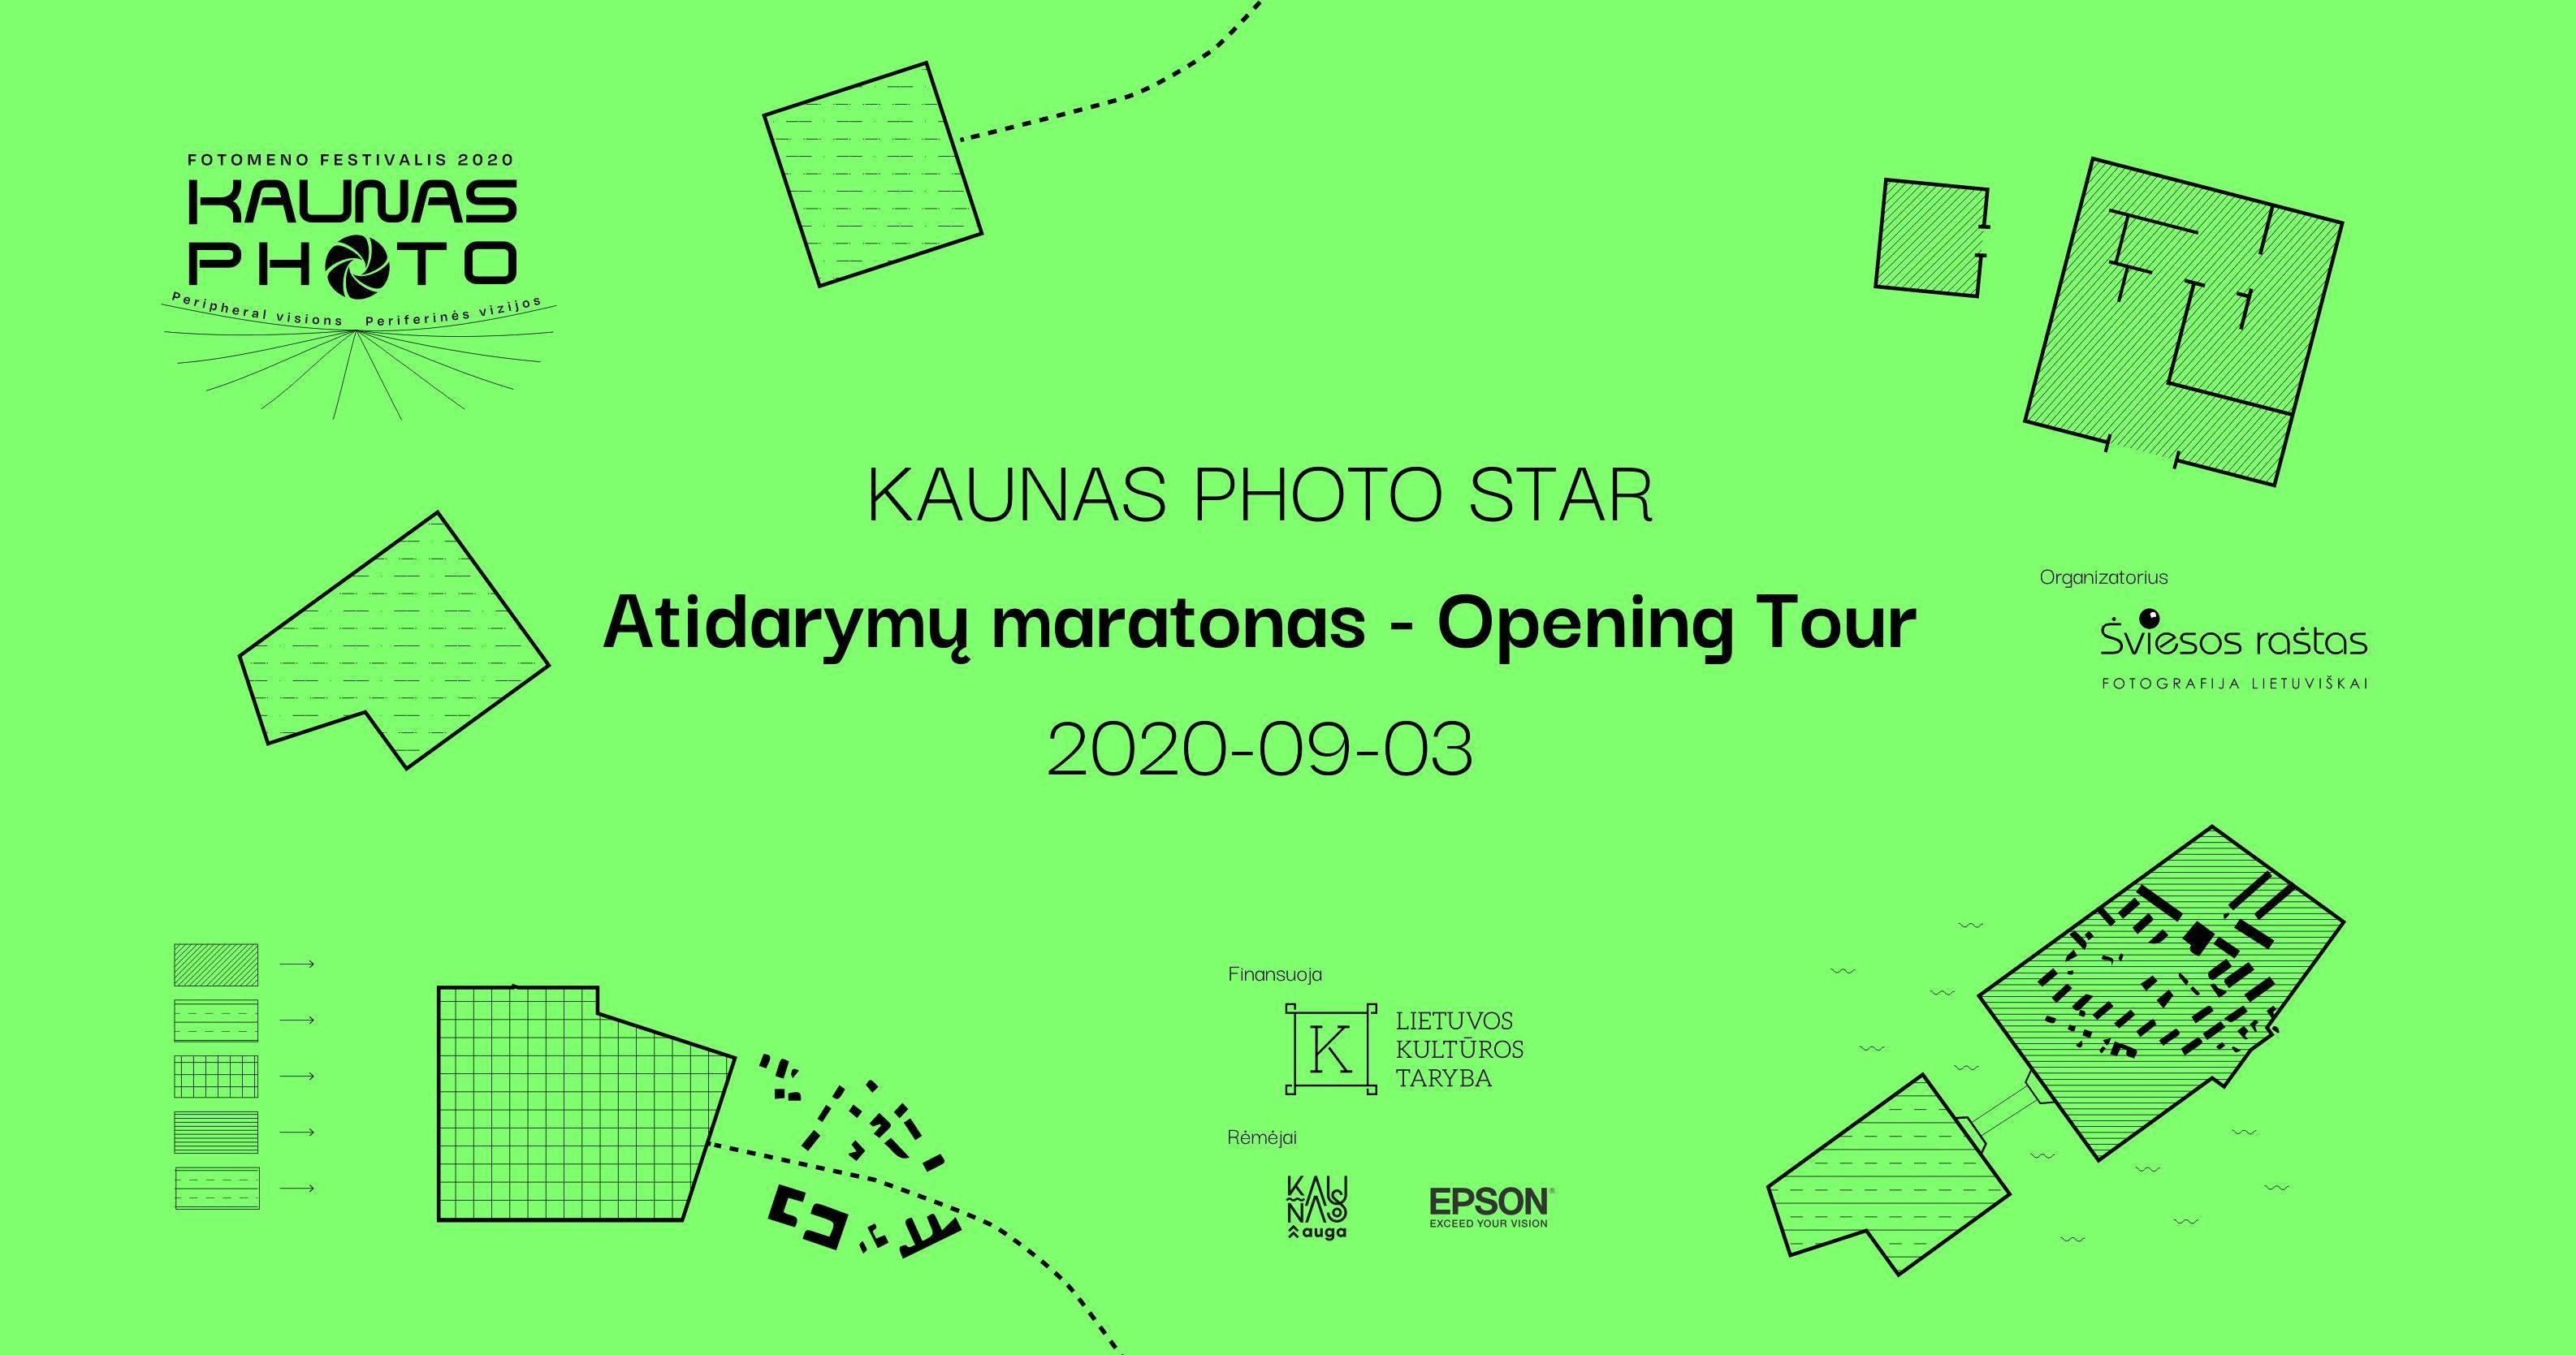 KAUNAS-PHOTO-STAR-Atidarymu-maratonas